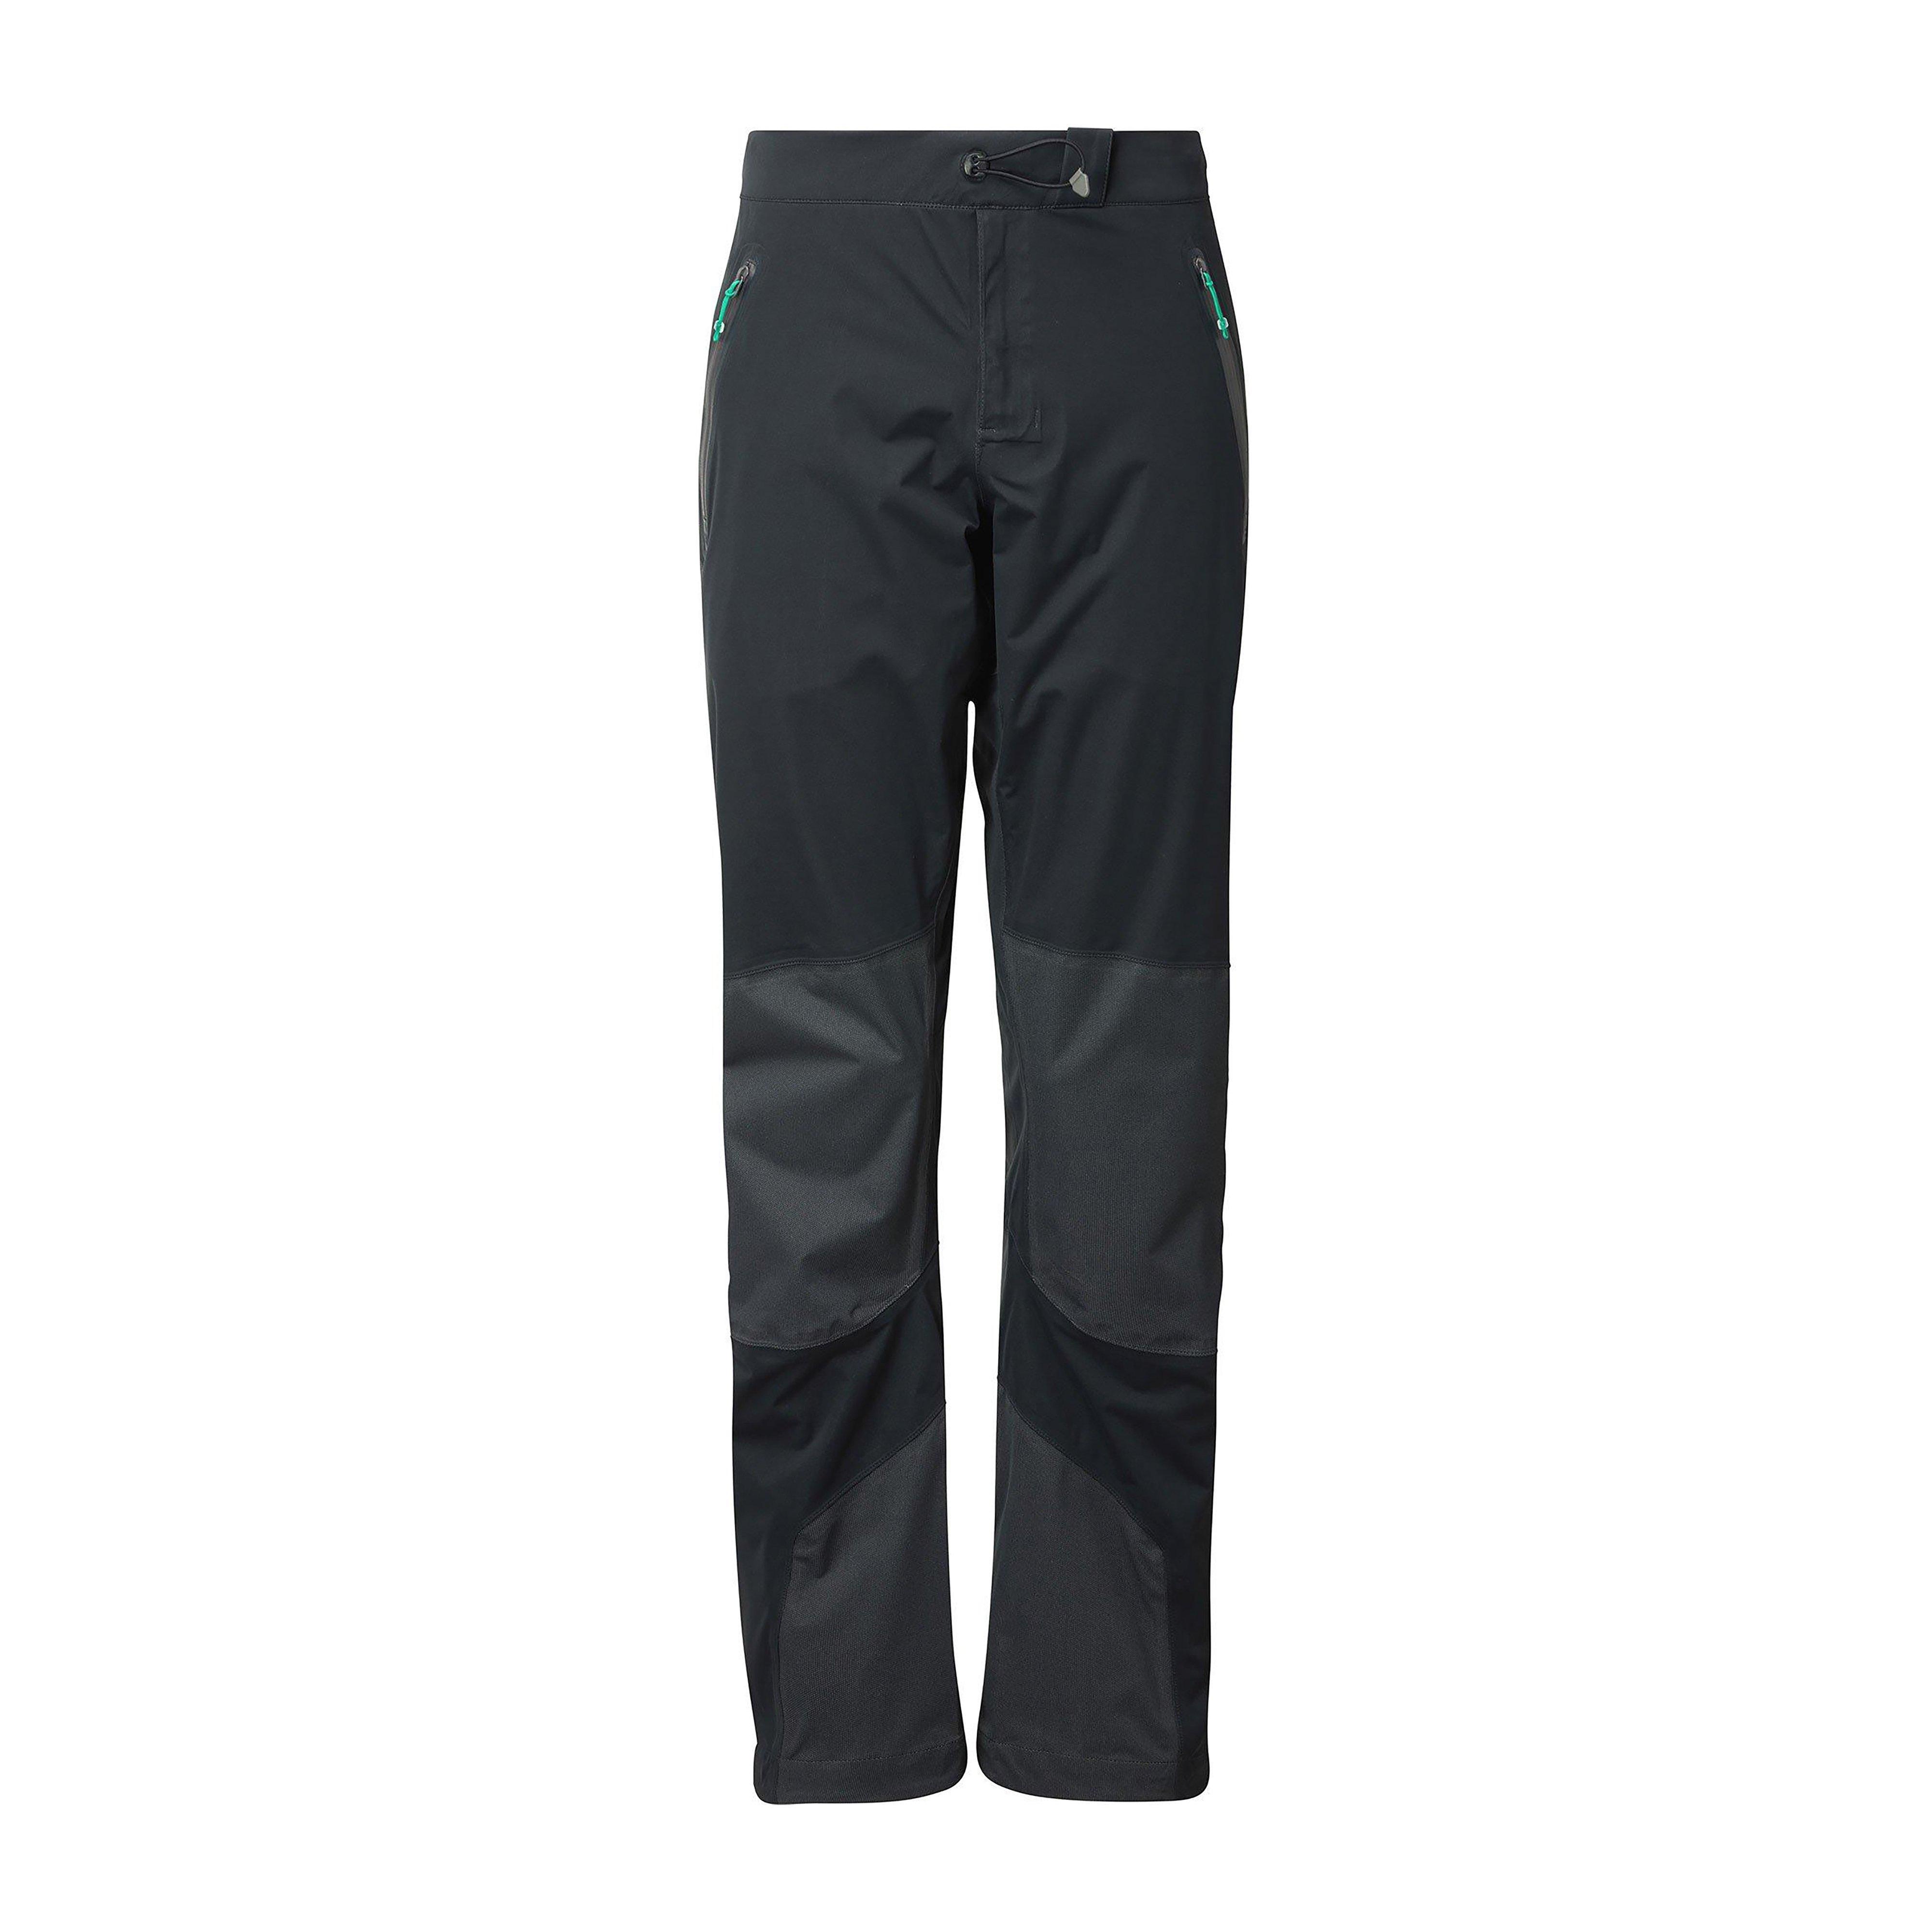 Rab Rab Womens Kinetic Alpine Waterproof Pants - N/A, N/A